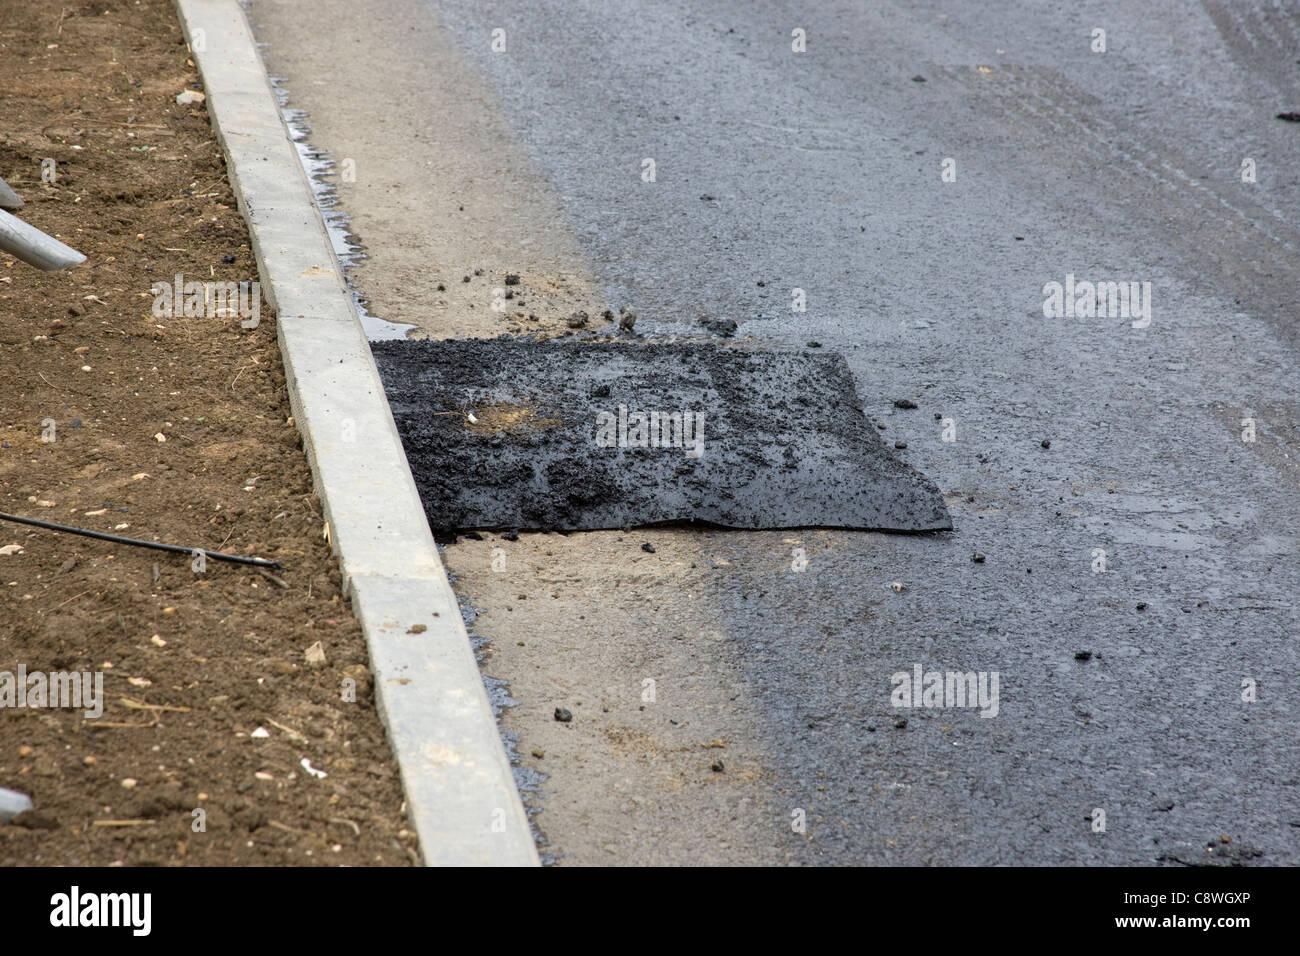 Vidange de la route couverte d'un carré de feutre avant que la machine la pose d'une nouvelle route Photo Stock